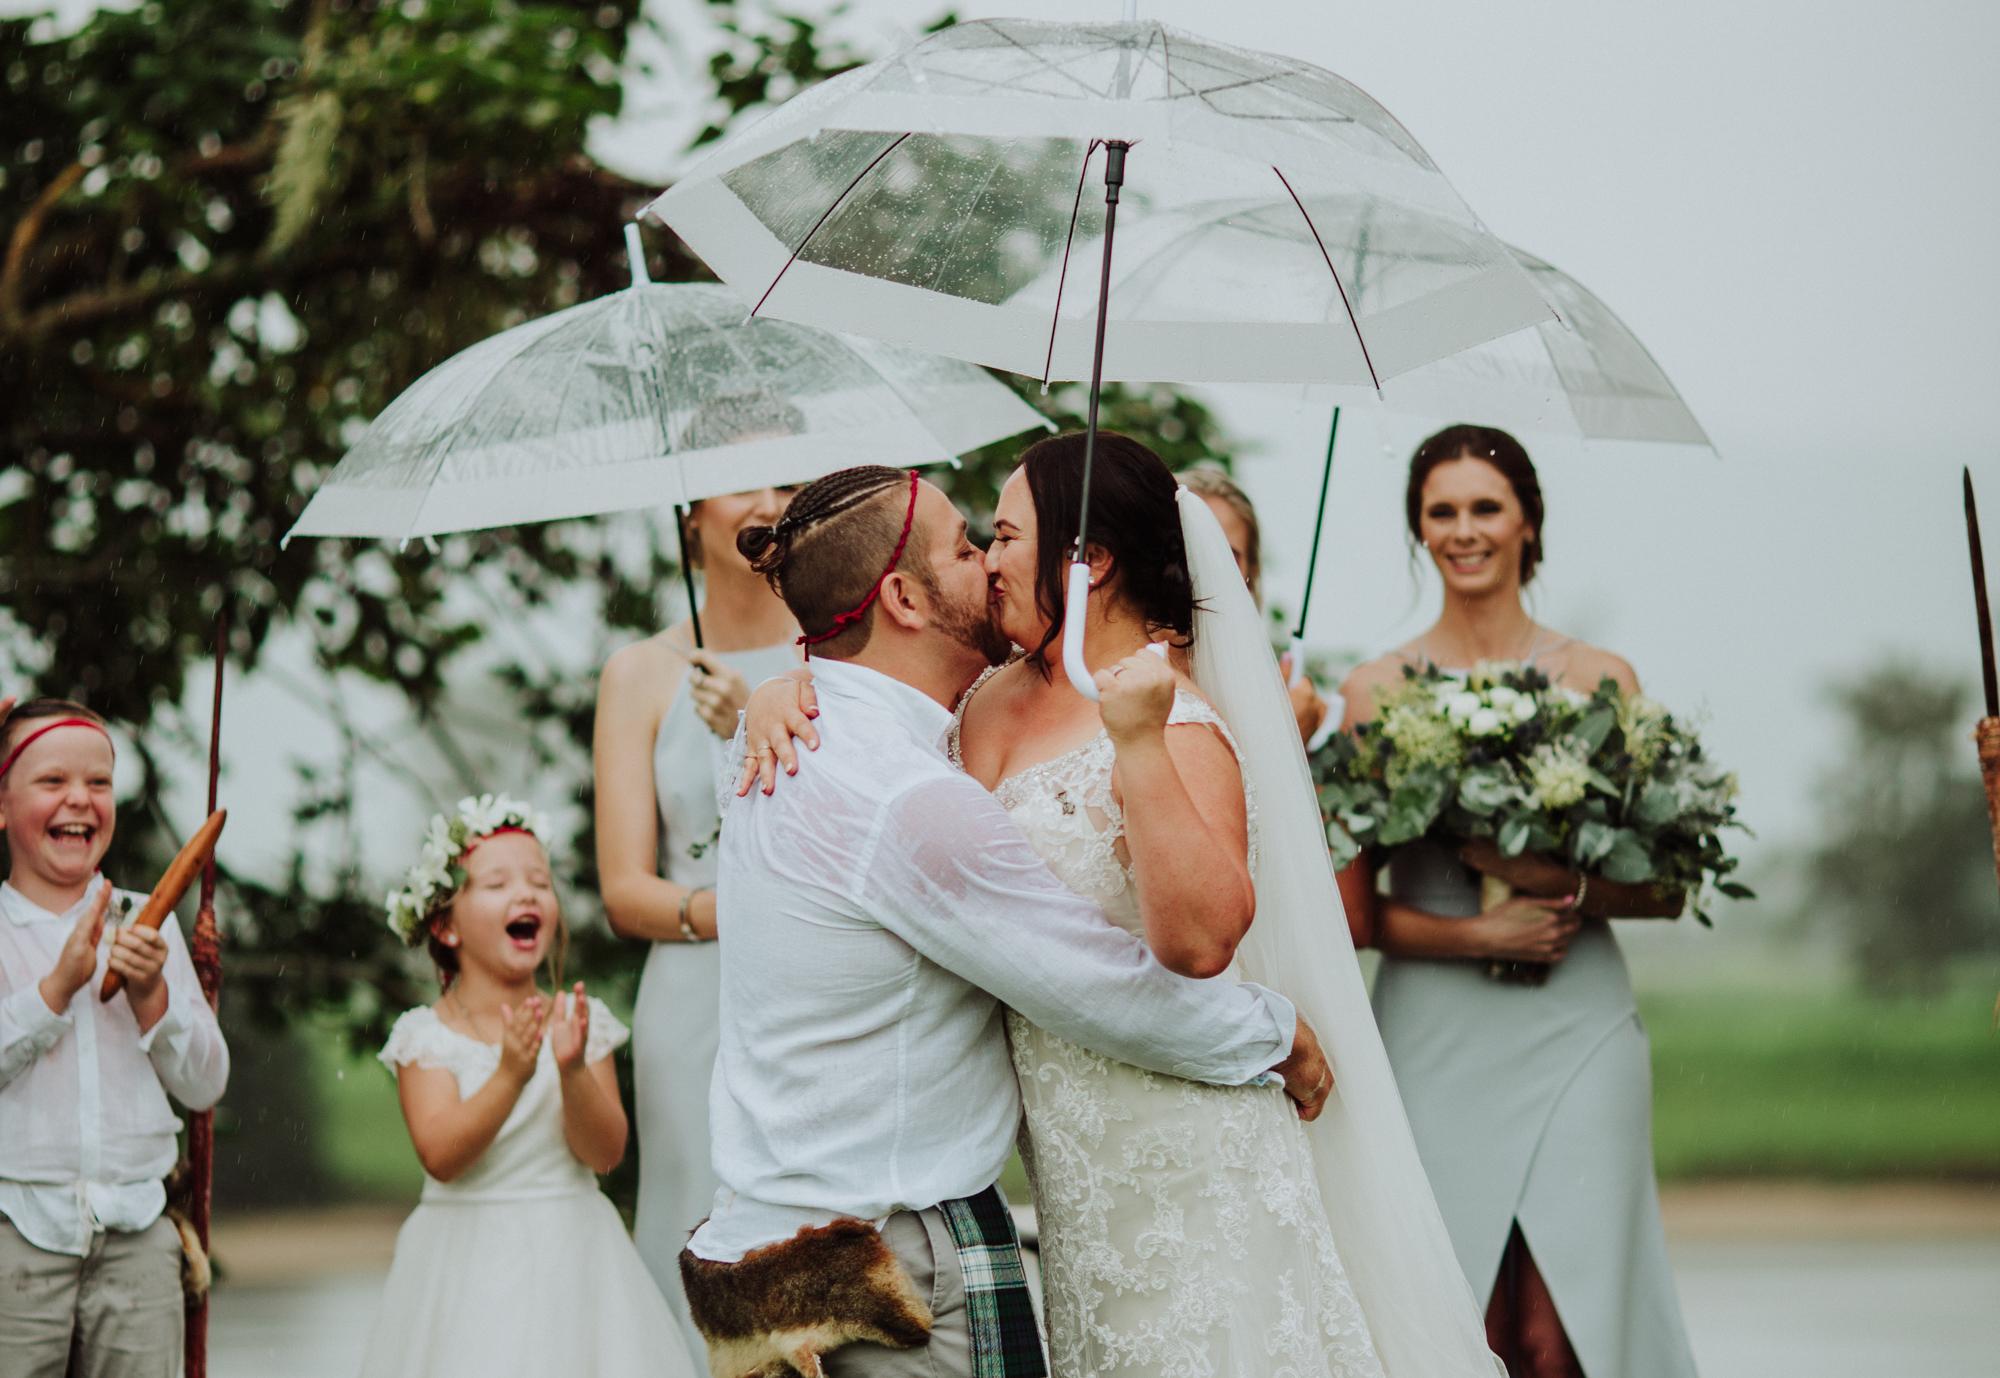 DWAYNE_AMELIA_NSW_SOUTHCOAST_INDIGENOUS_WEDDING